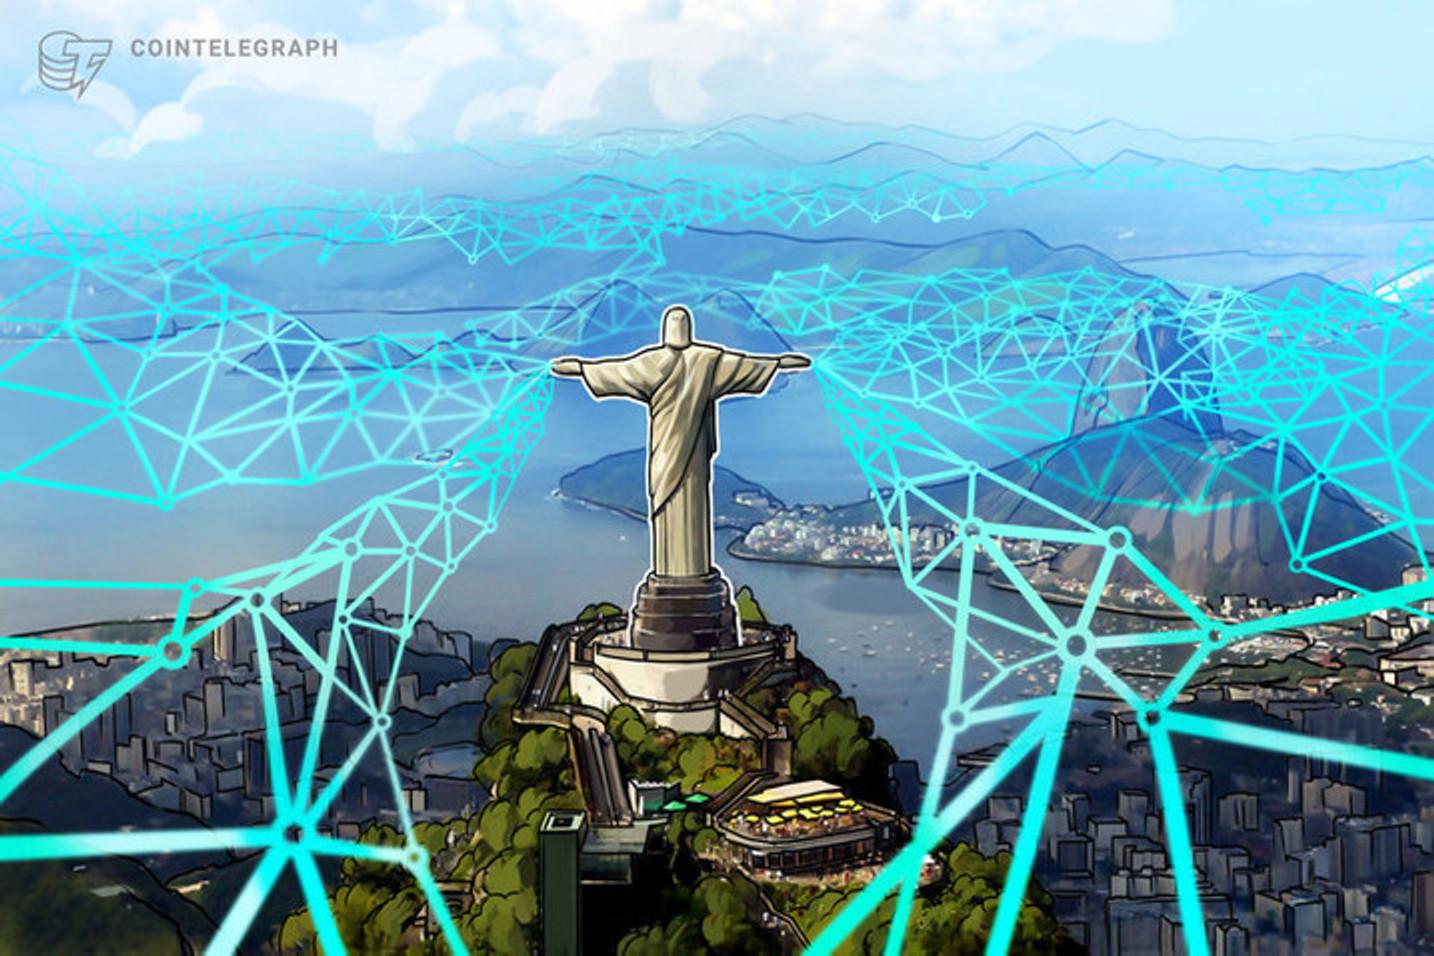 Melhor da Semana: Mineração de diamantes na nuvem, lançamento do ETF de ETH e 'lucros' com a poupança no Brasil